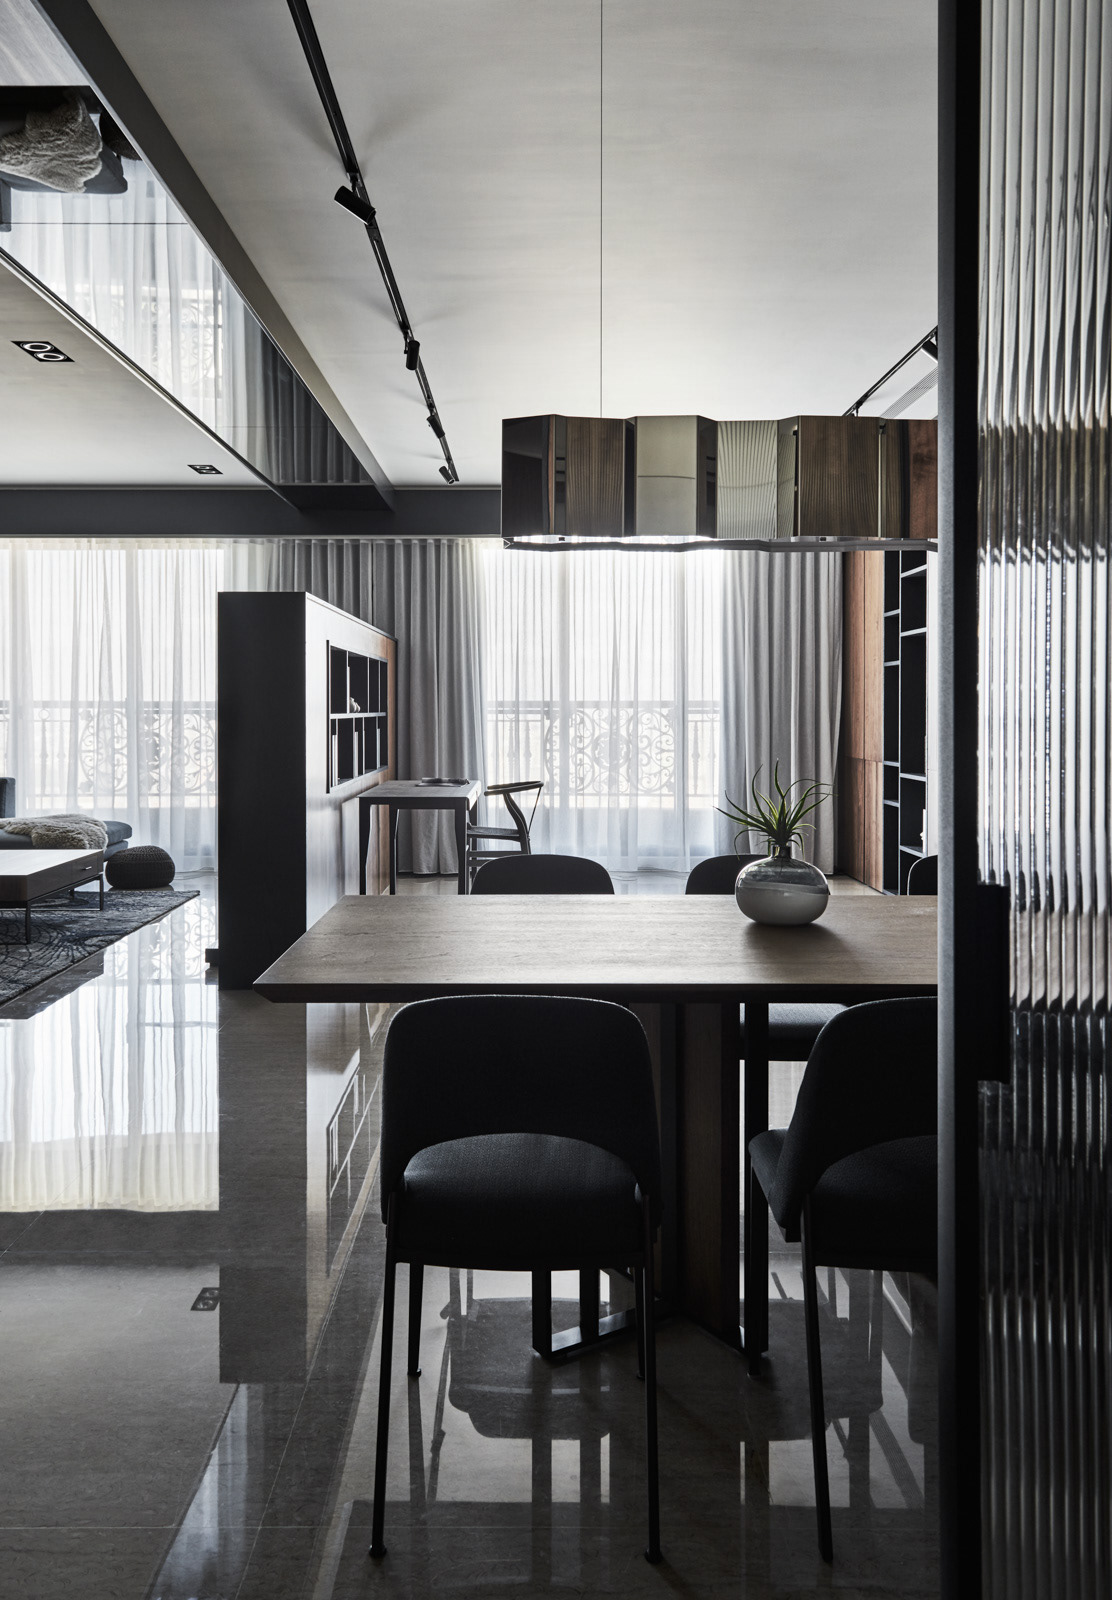 Tìm hiểu về phong cách thiết kế nội thất Hiện đại